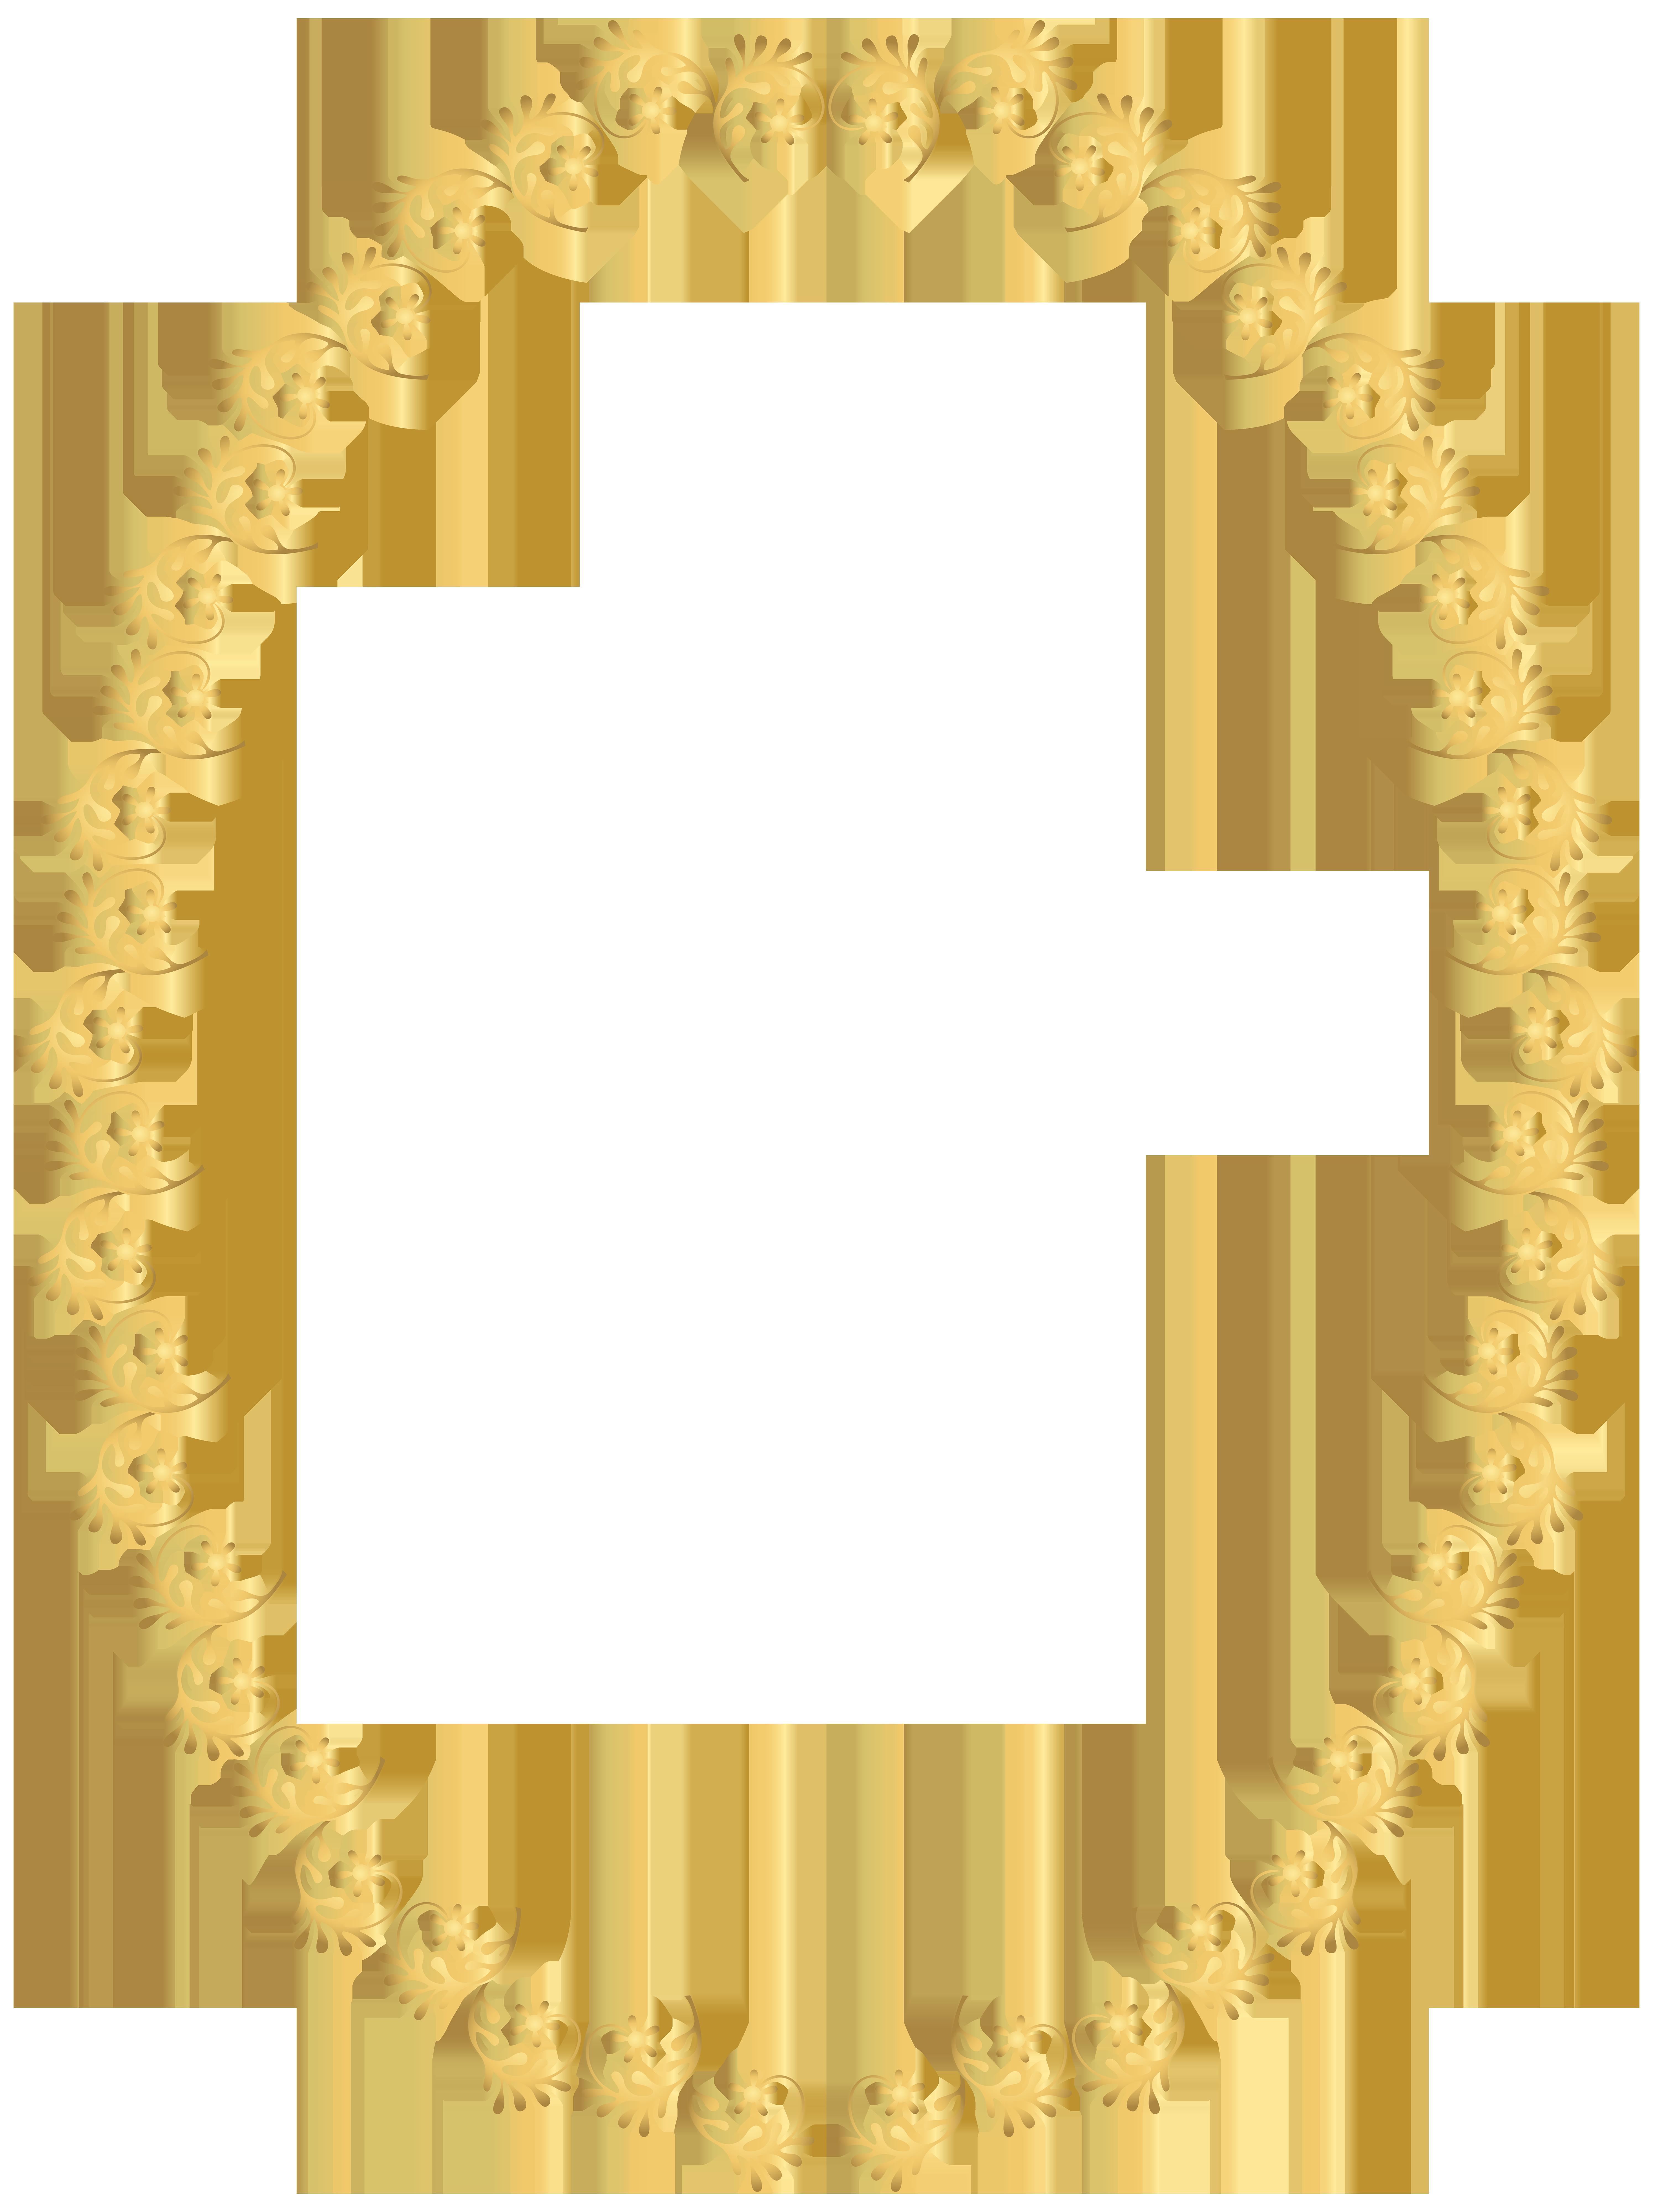 Transparent clip art image. Oval frame png